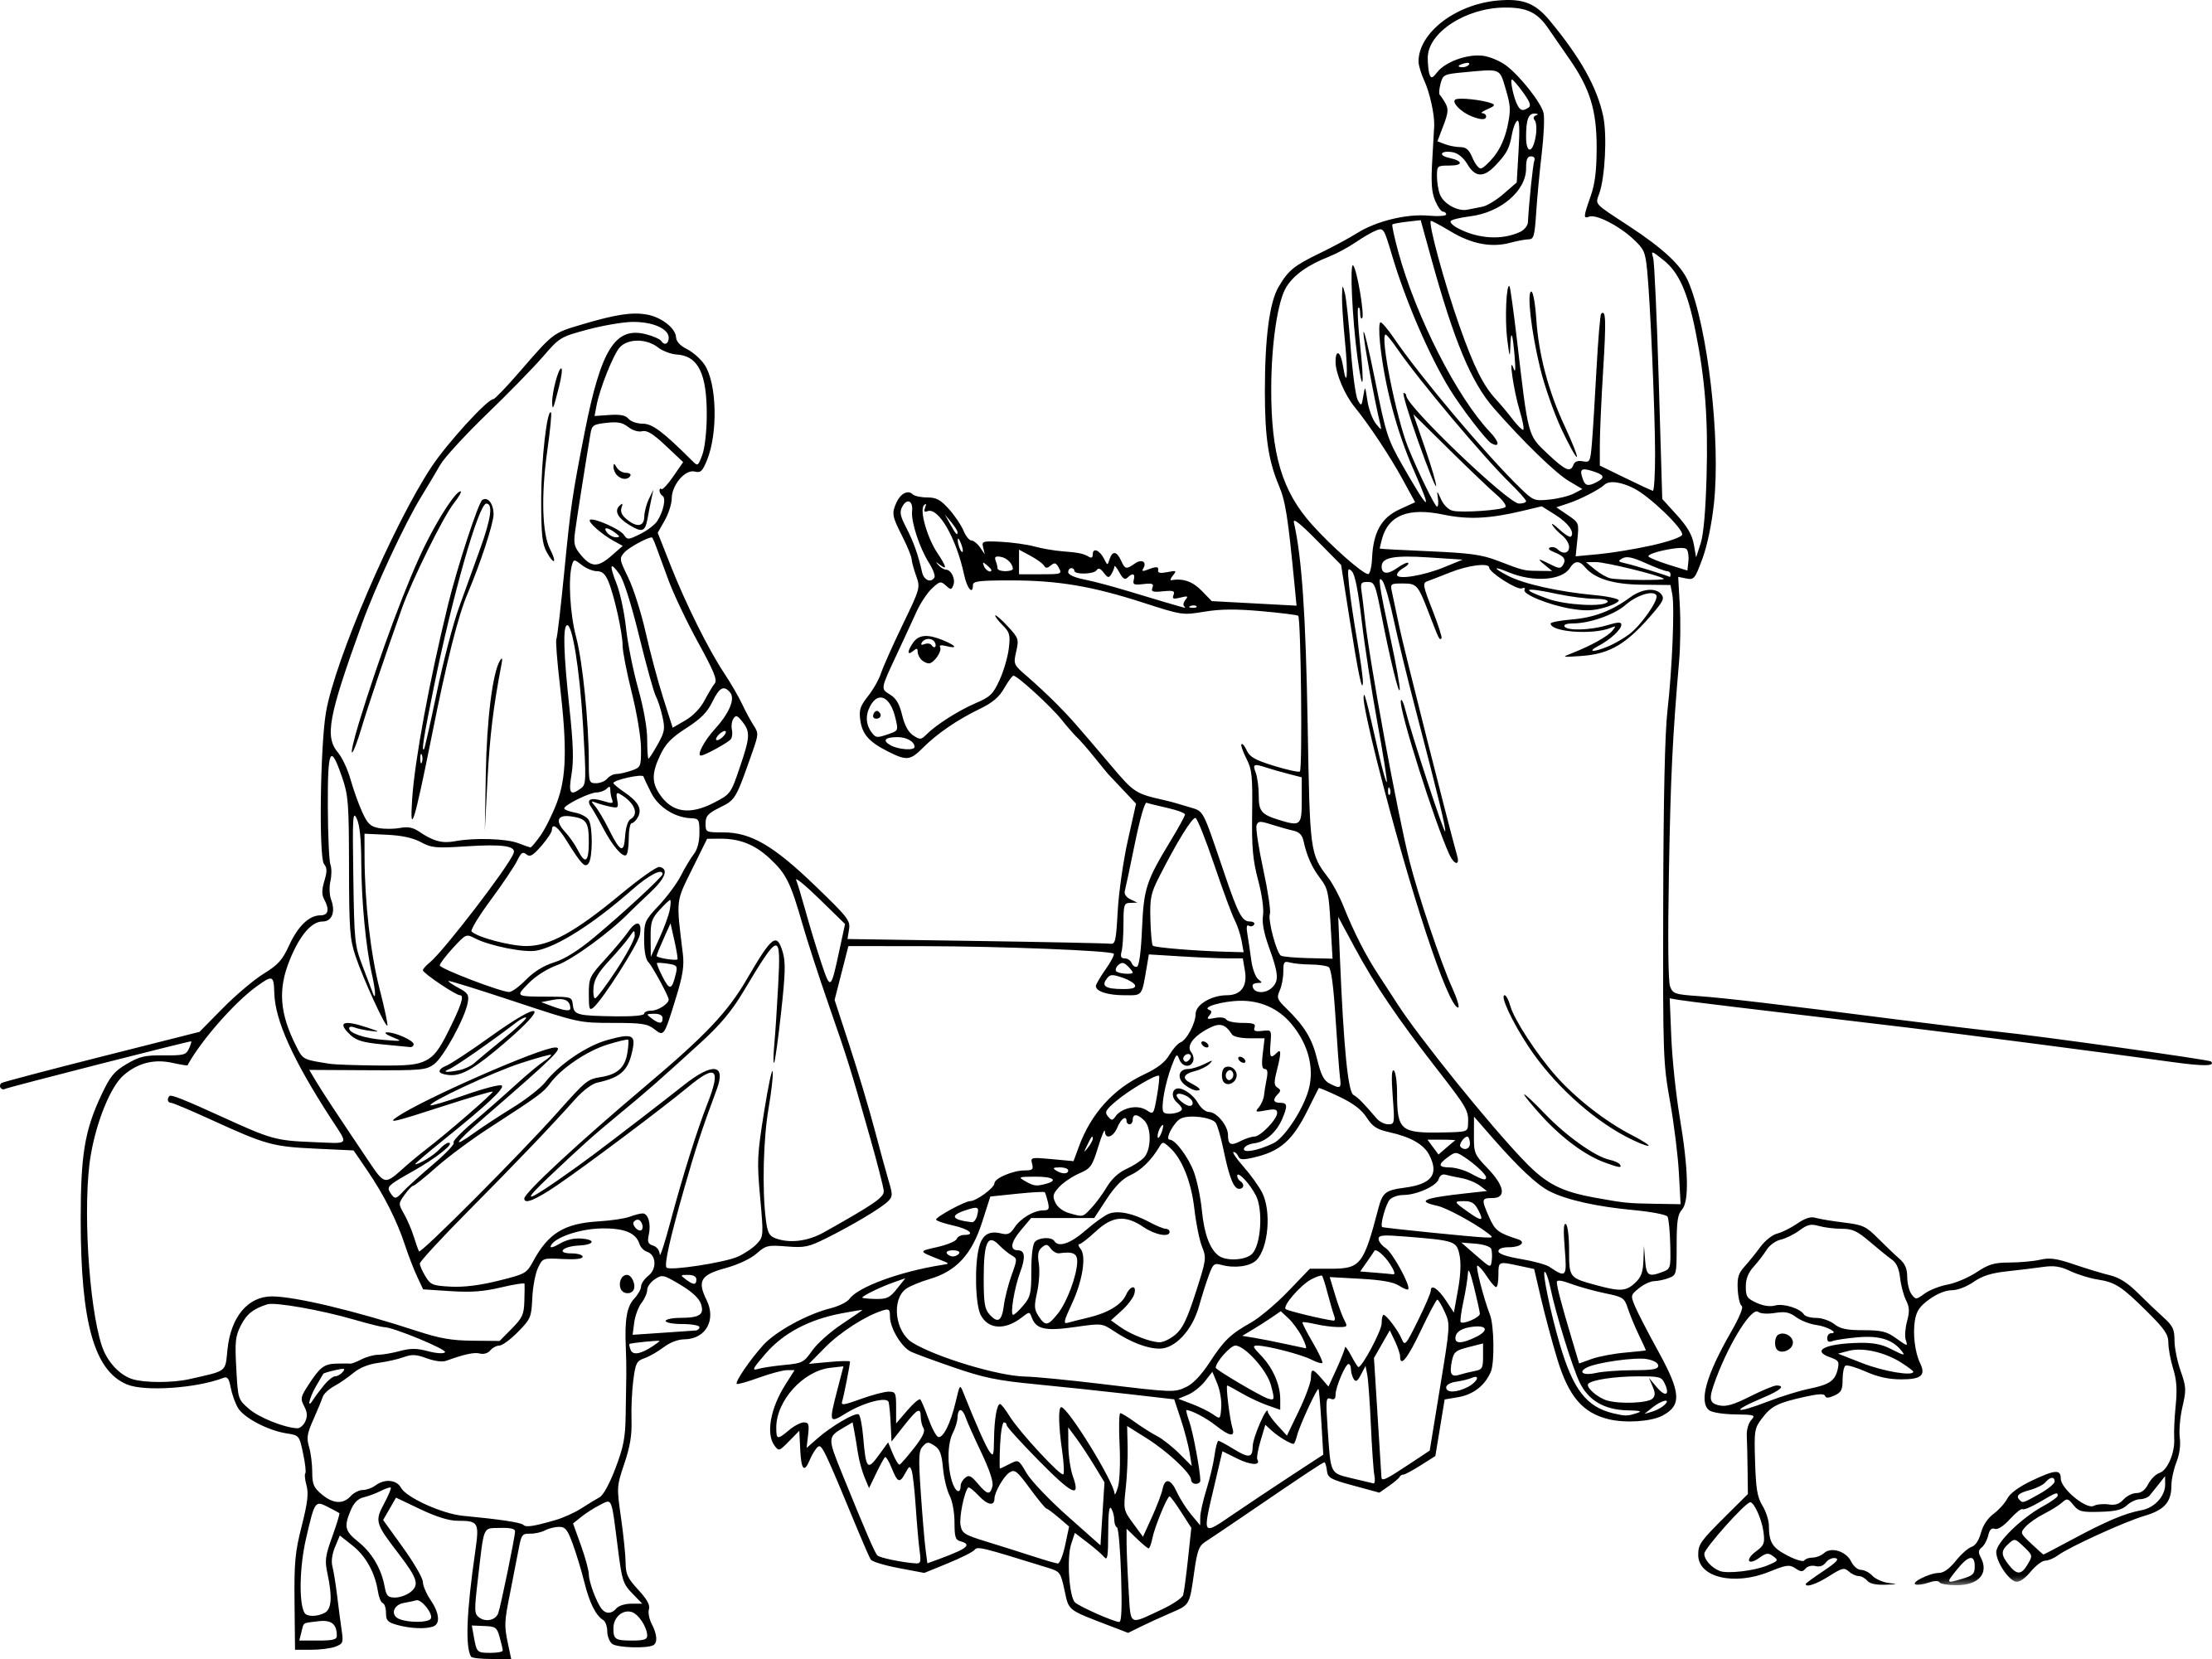 Coloriage naissance de jesus imprimer - Coloriage image ...